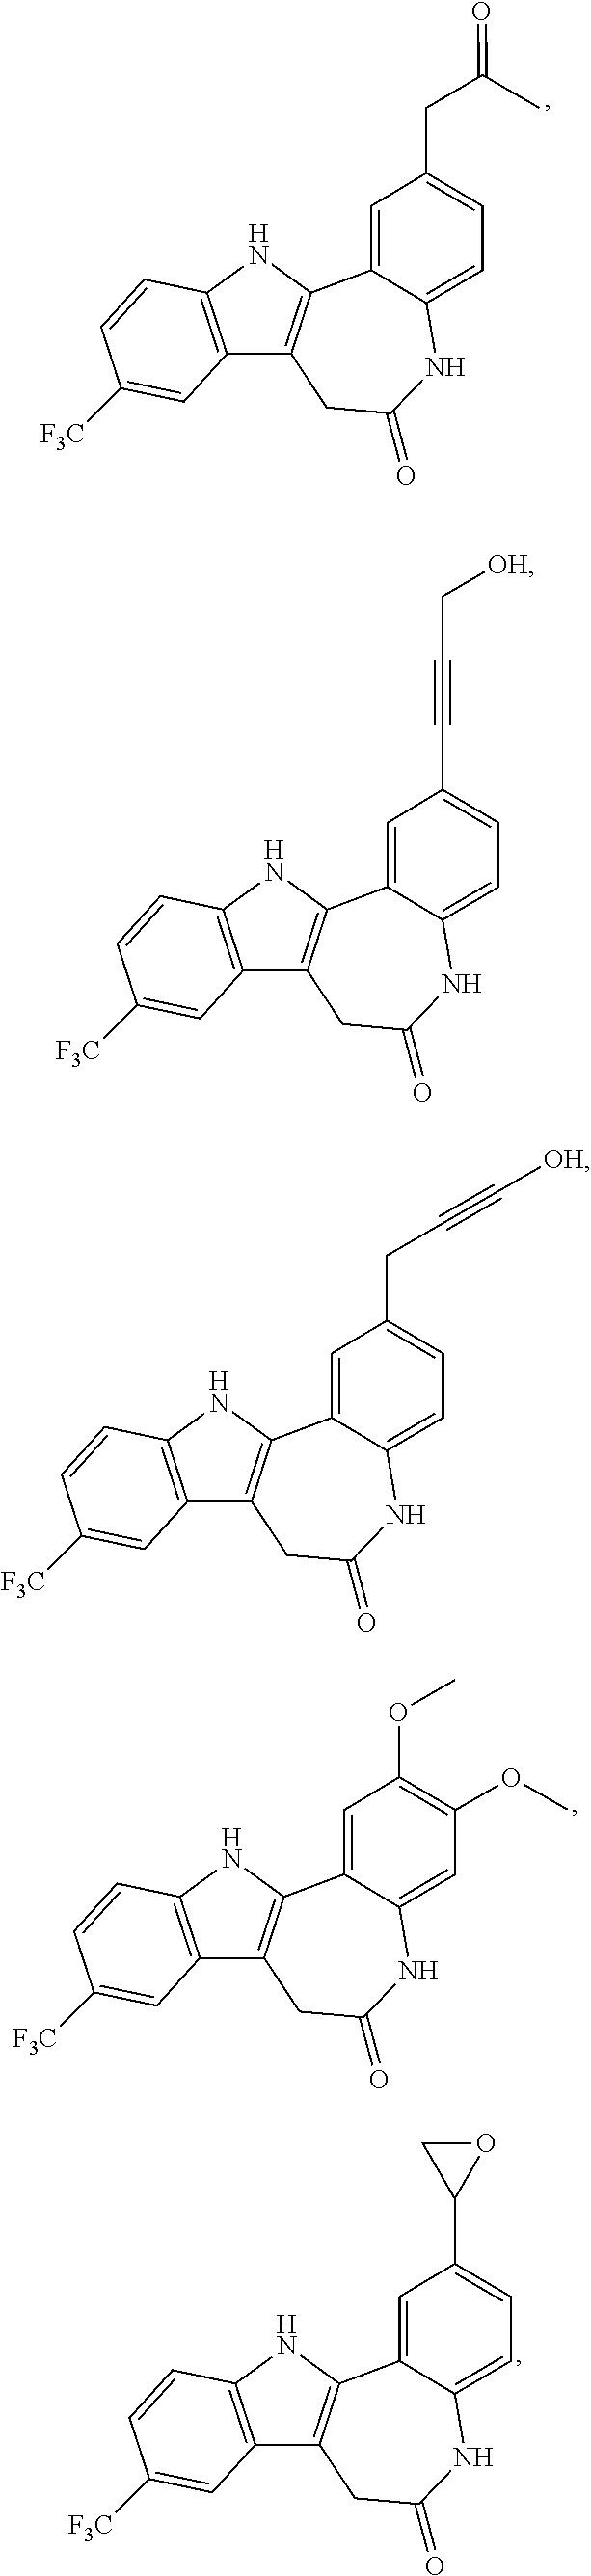 Figure US09572815-20170221-C00014